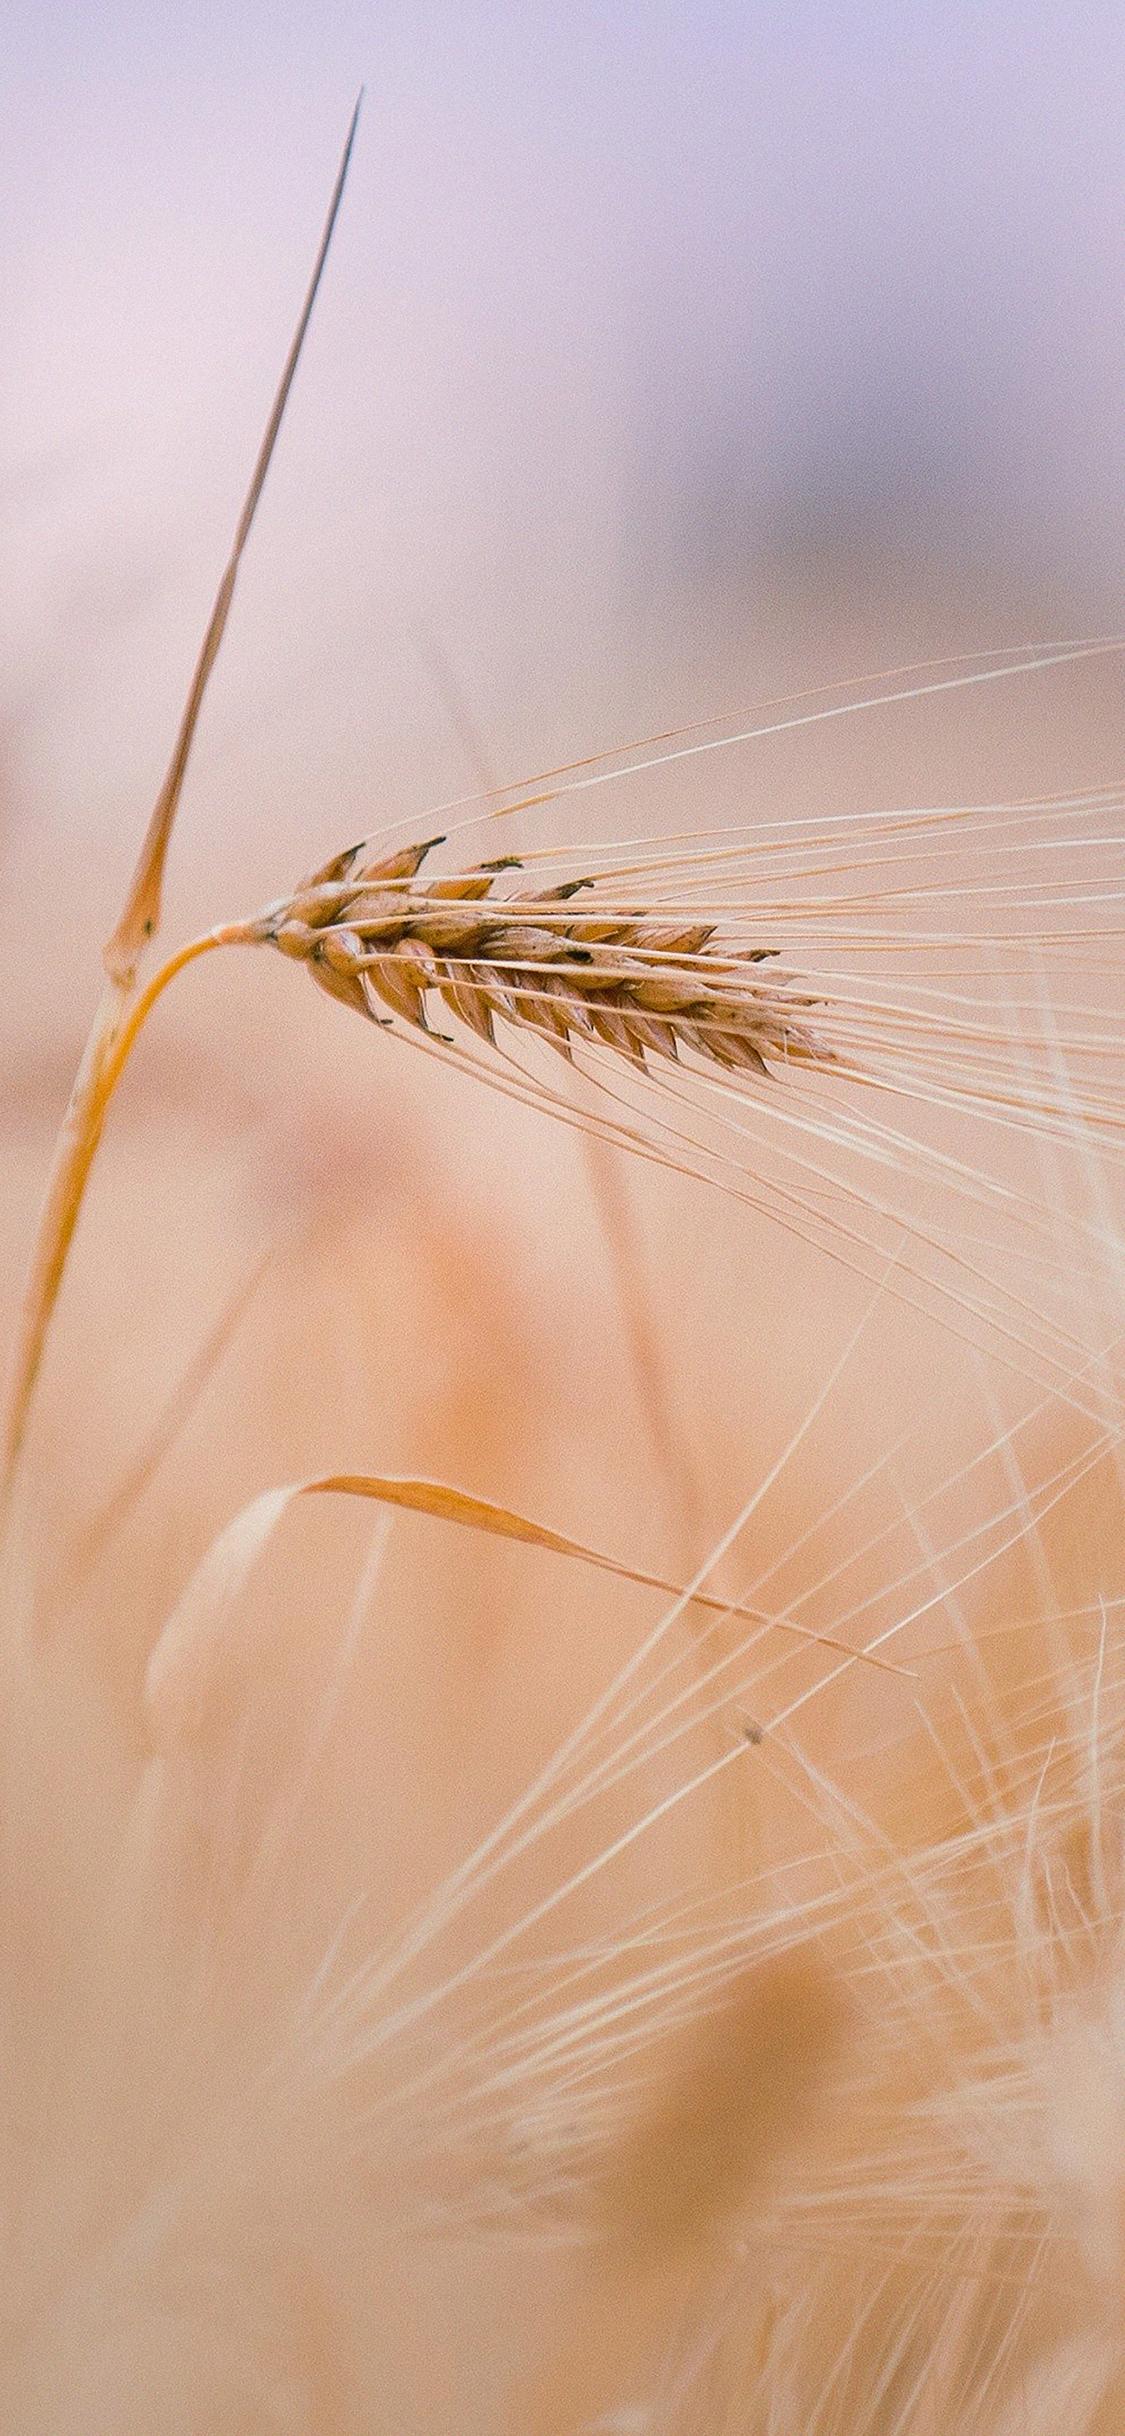 iPhoneXpapers.com-Apple-iPhone-wallpaper-mk63-rice-leaf-nature-bokeh-blur